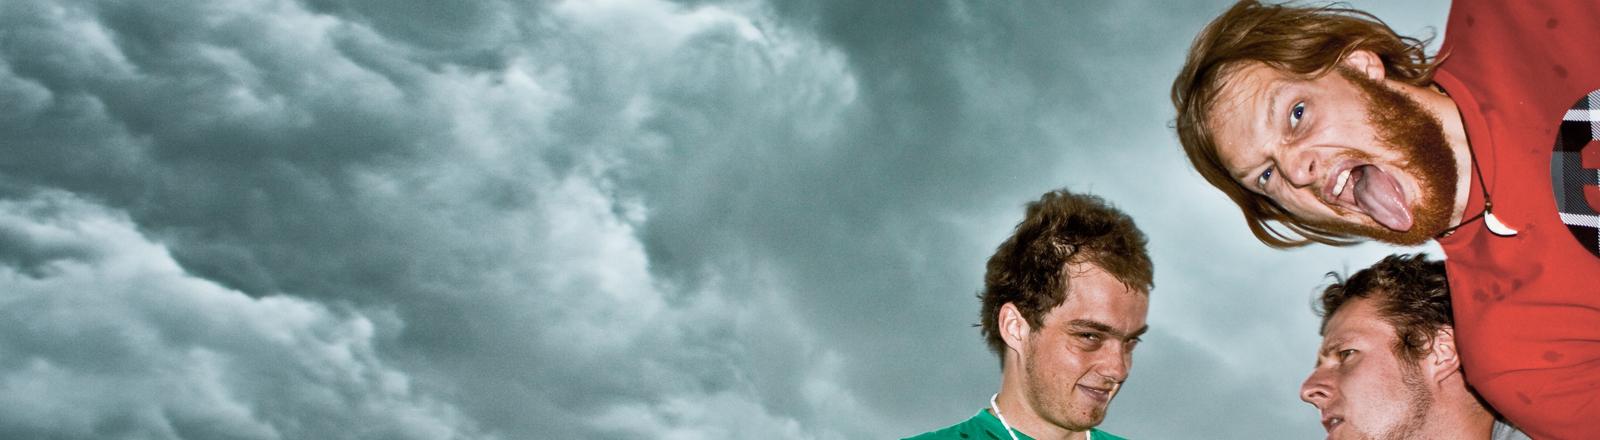 Drei Männer gucken lustig, betrunken, aggressiv, dumm in die Kamera. Im Hintergrund Wolken.